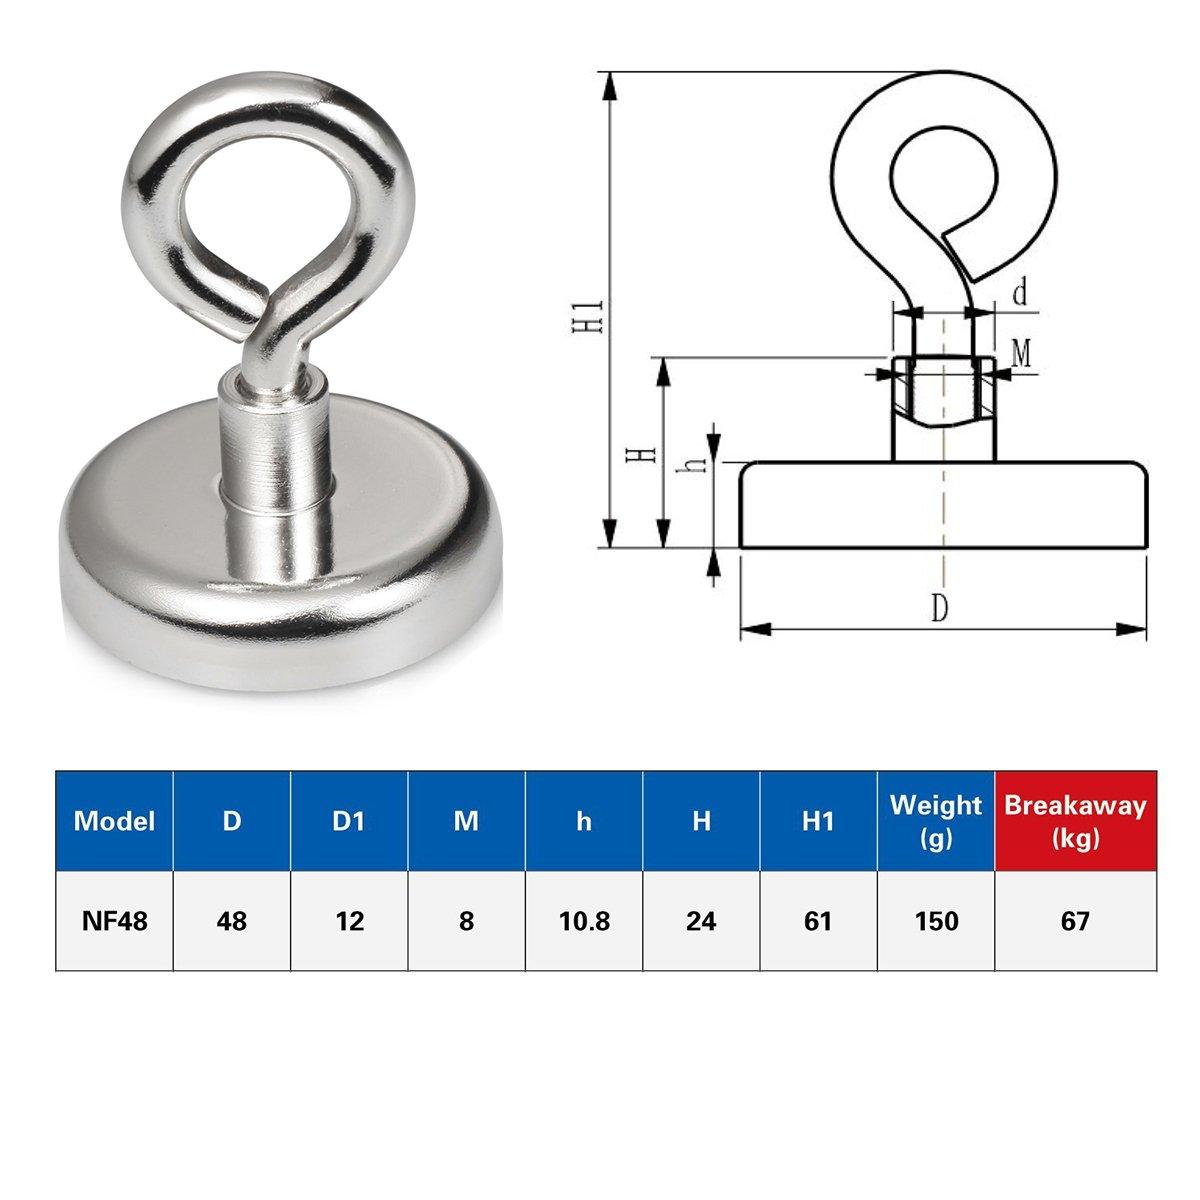 in River/ tootaci rund Super Starke Neodym-Magnet starke Fishing Magnet mit Splintbolzen f/ür Magnet Angeln und Retten /75/mm Durchmesser Vertikale Tension 180/kg mit Seil